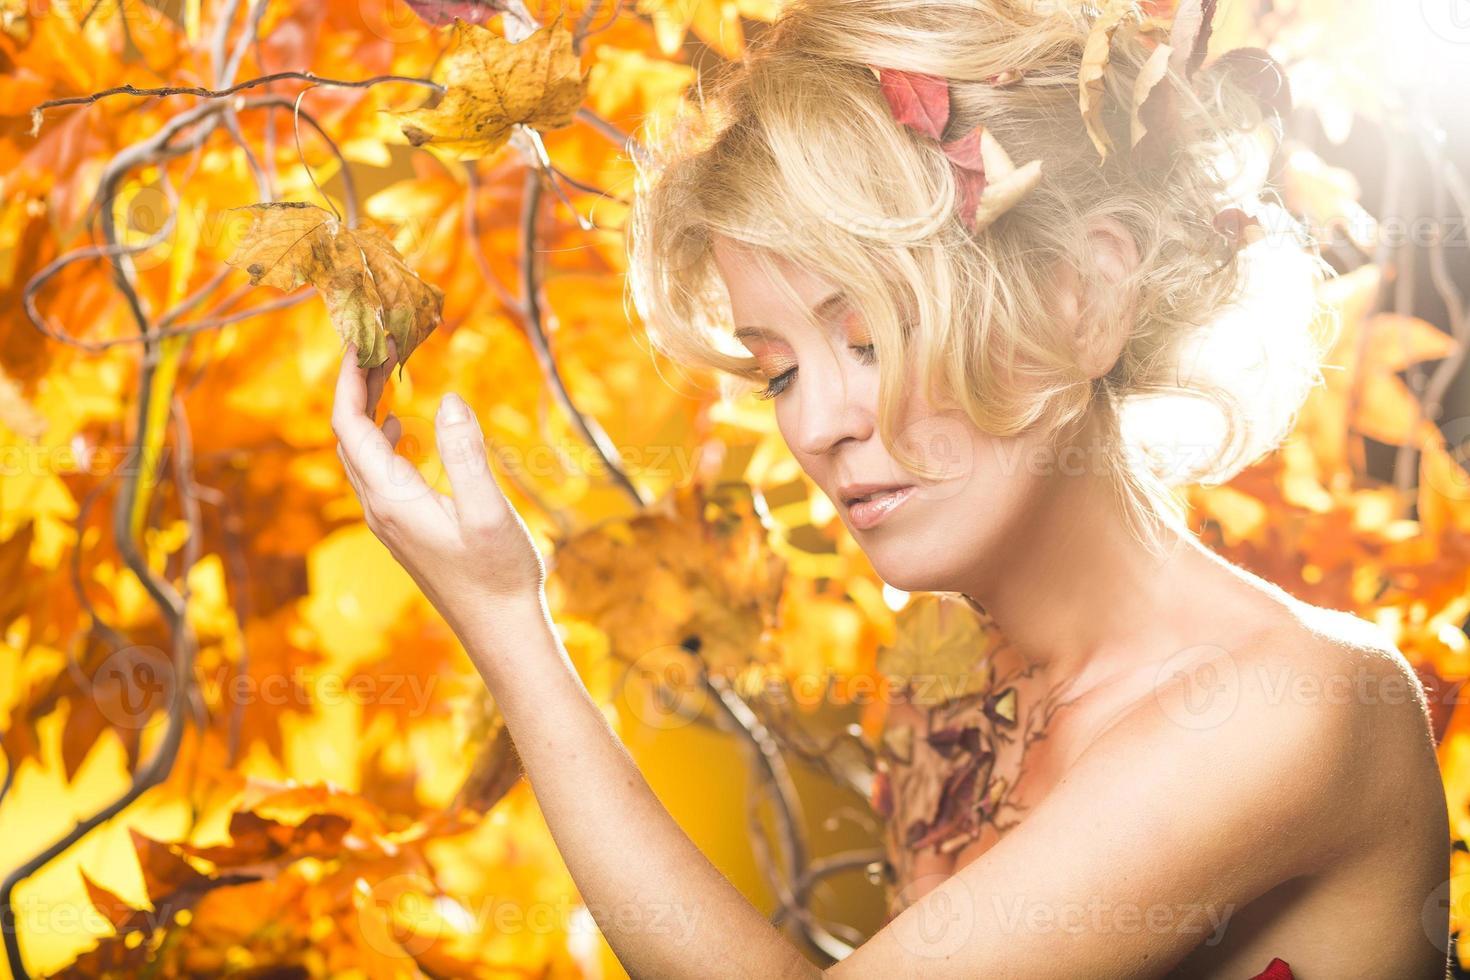 magiska guld höst blond tjej porträtt i blad foto